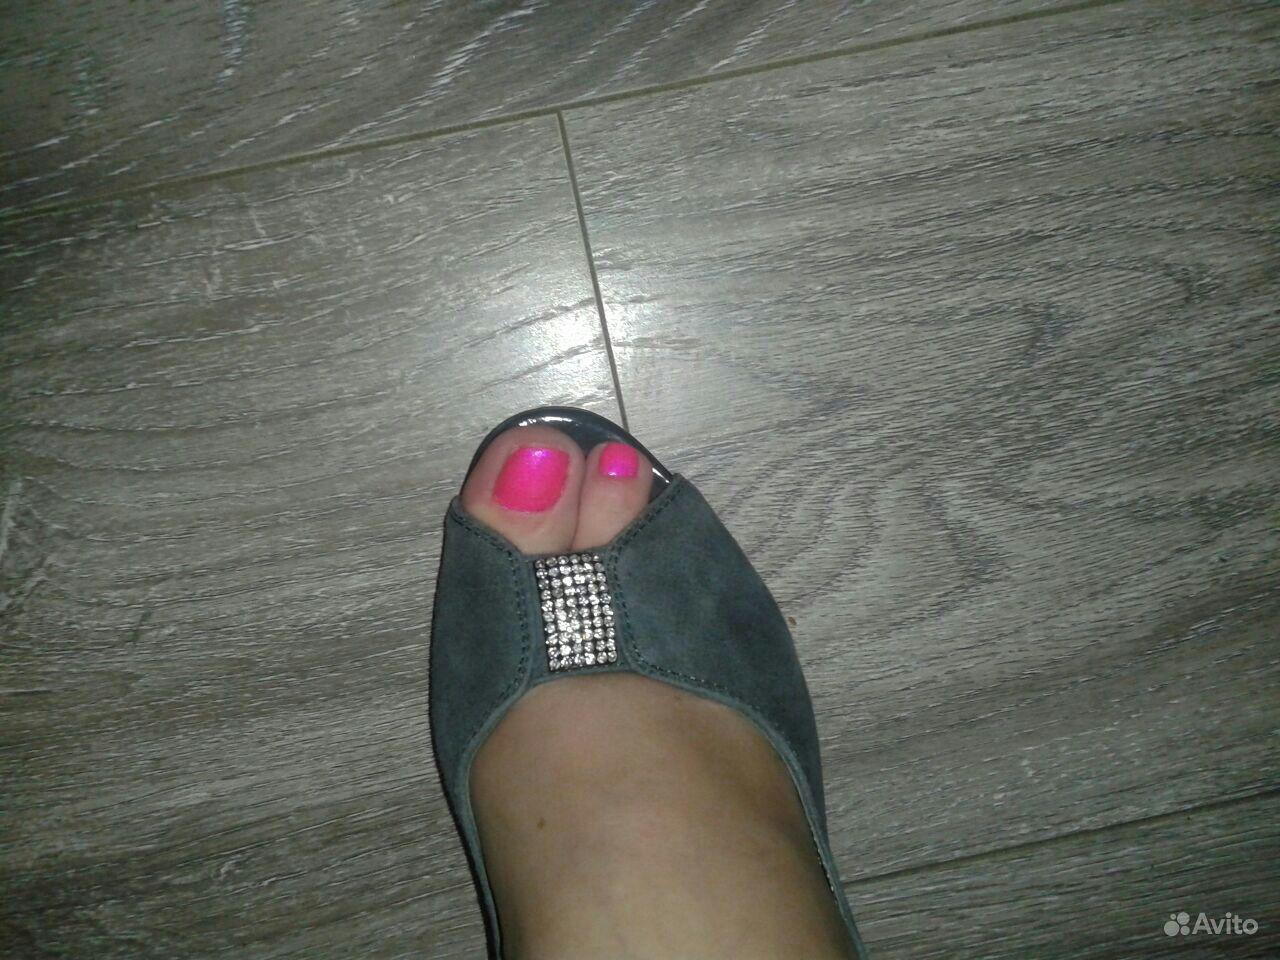 Туфли с открытым мыском и колготки (чулки) - можно или нет